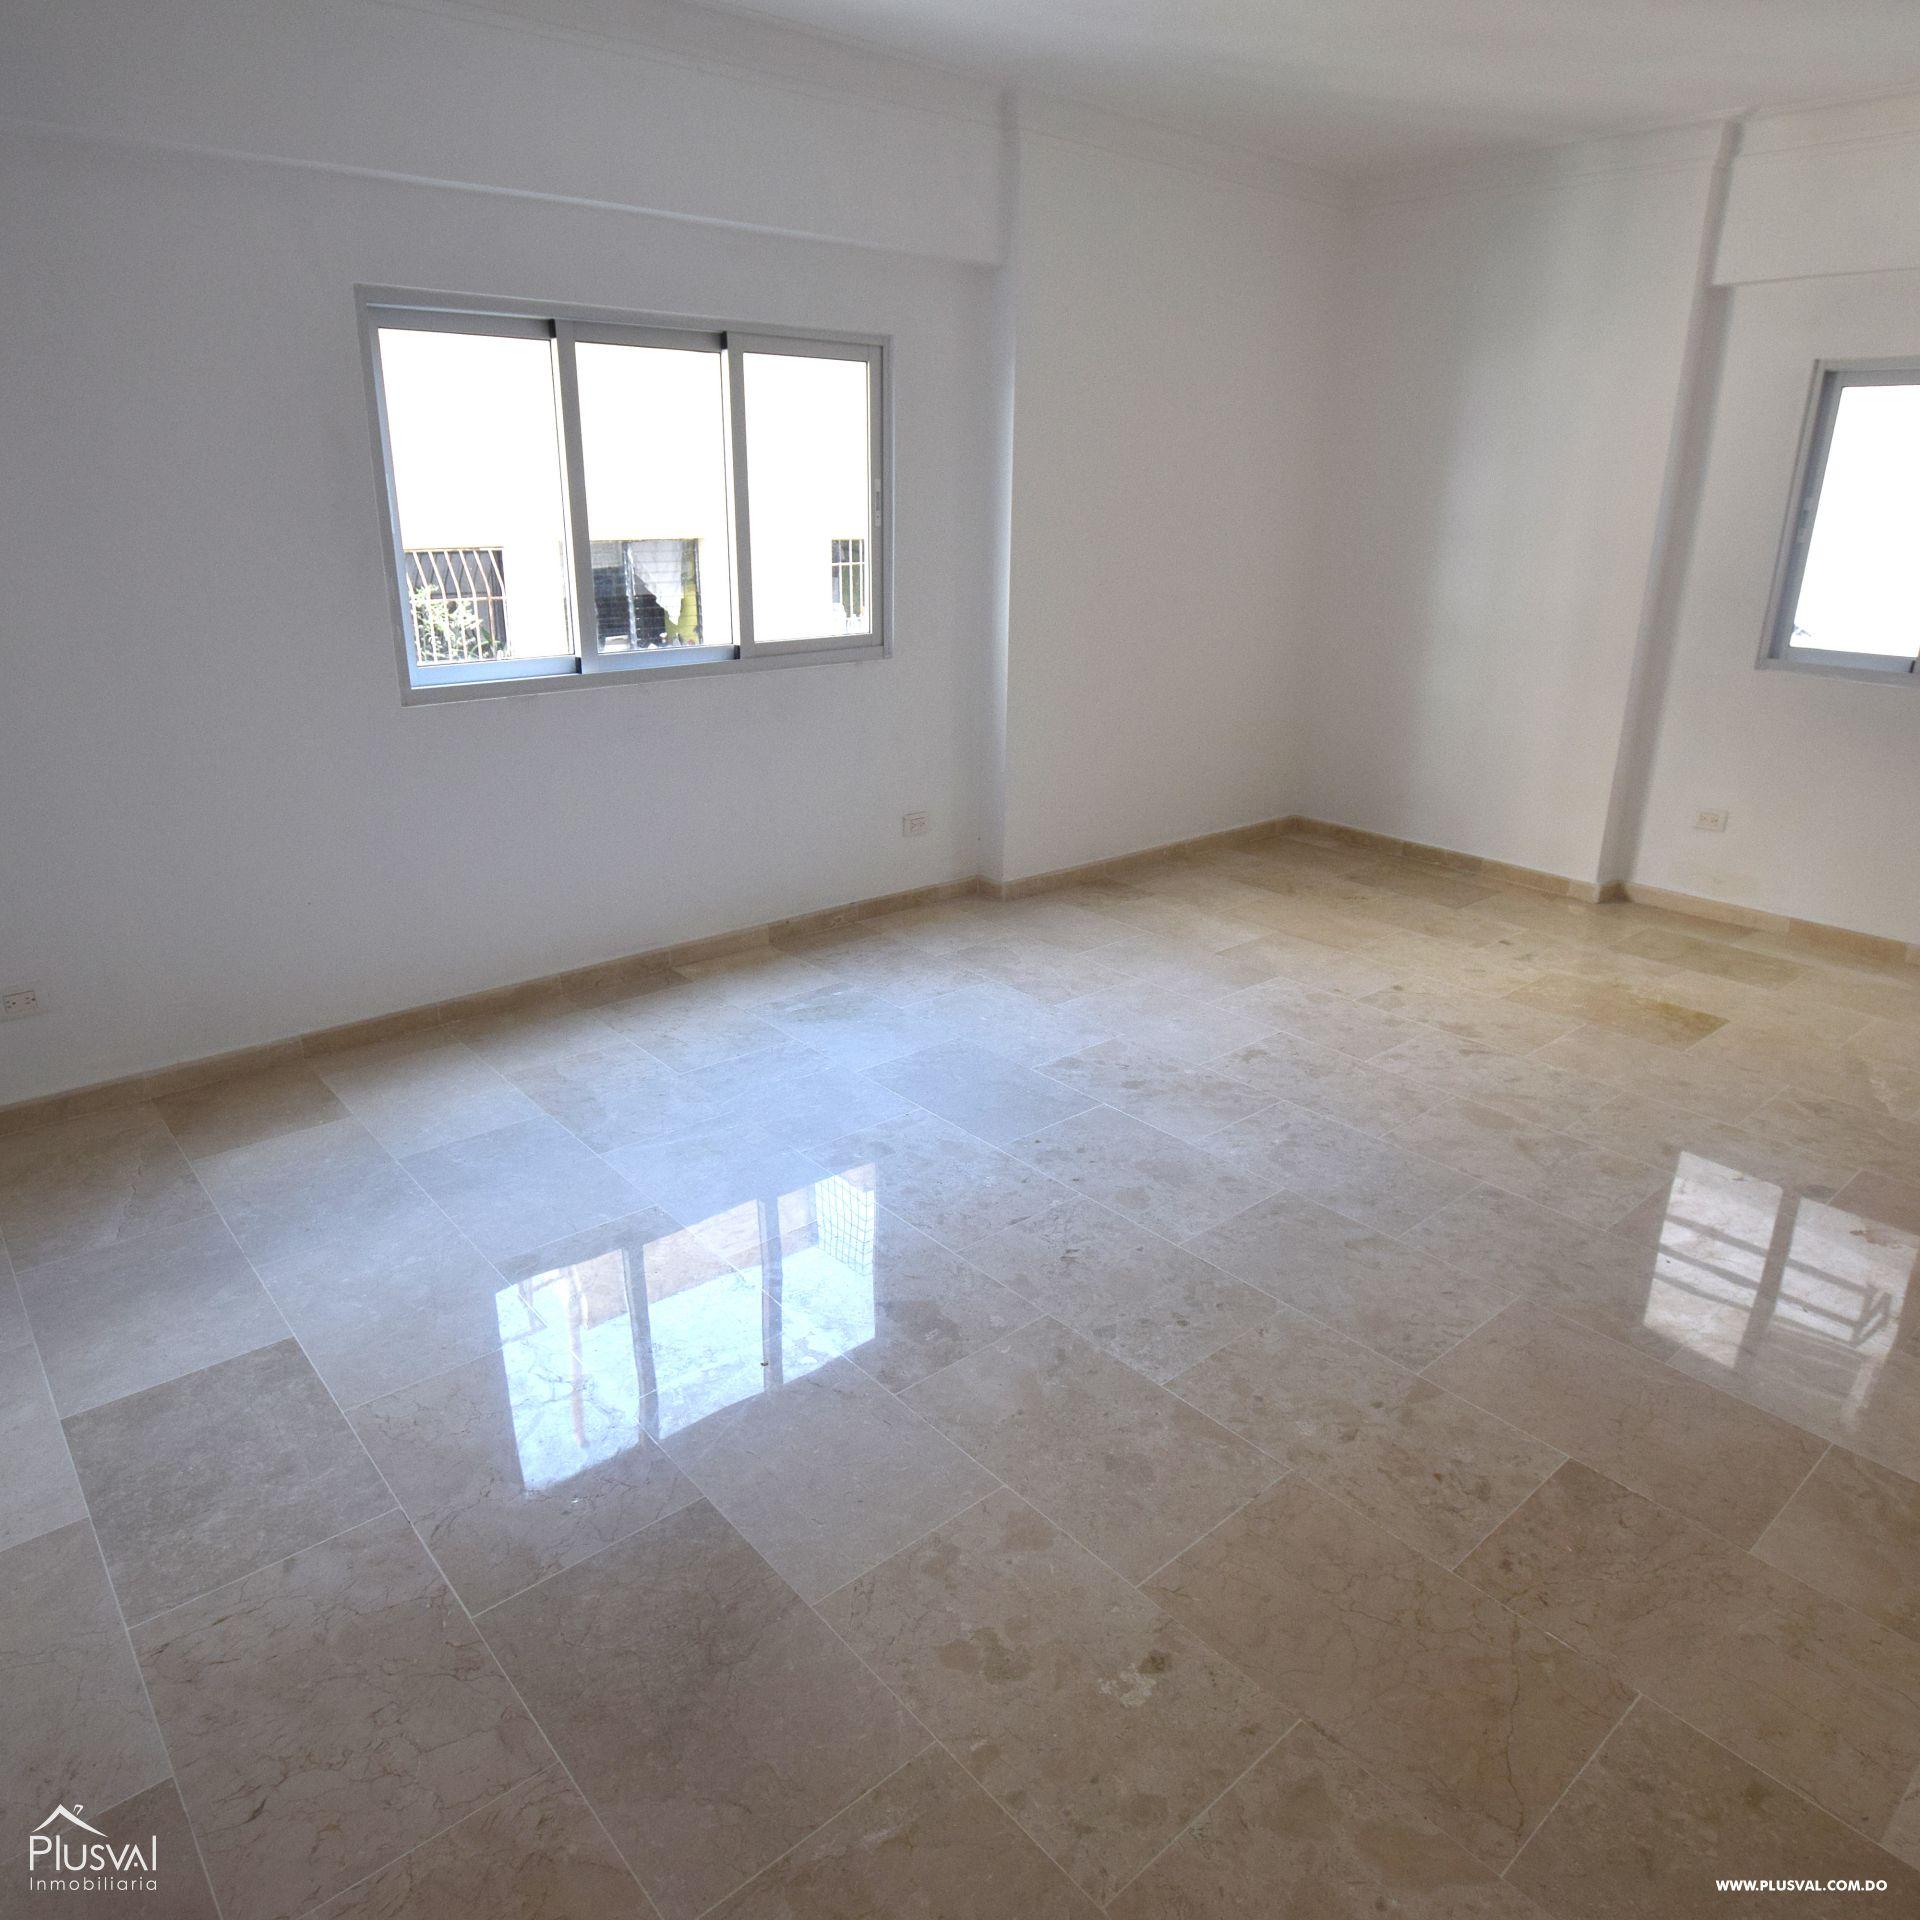 Proyecto residencial en venta, Evaristo Morales 149519